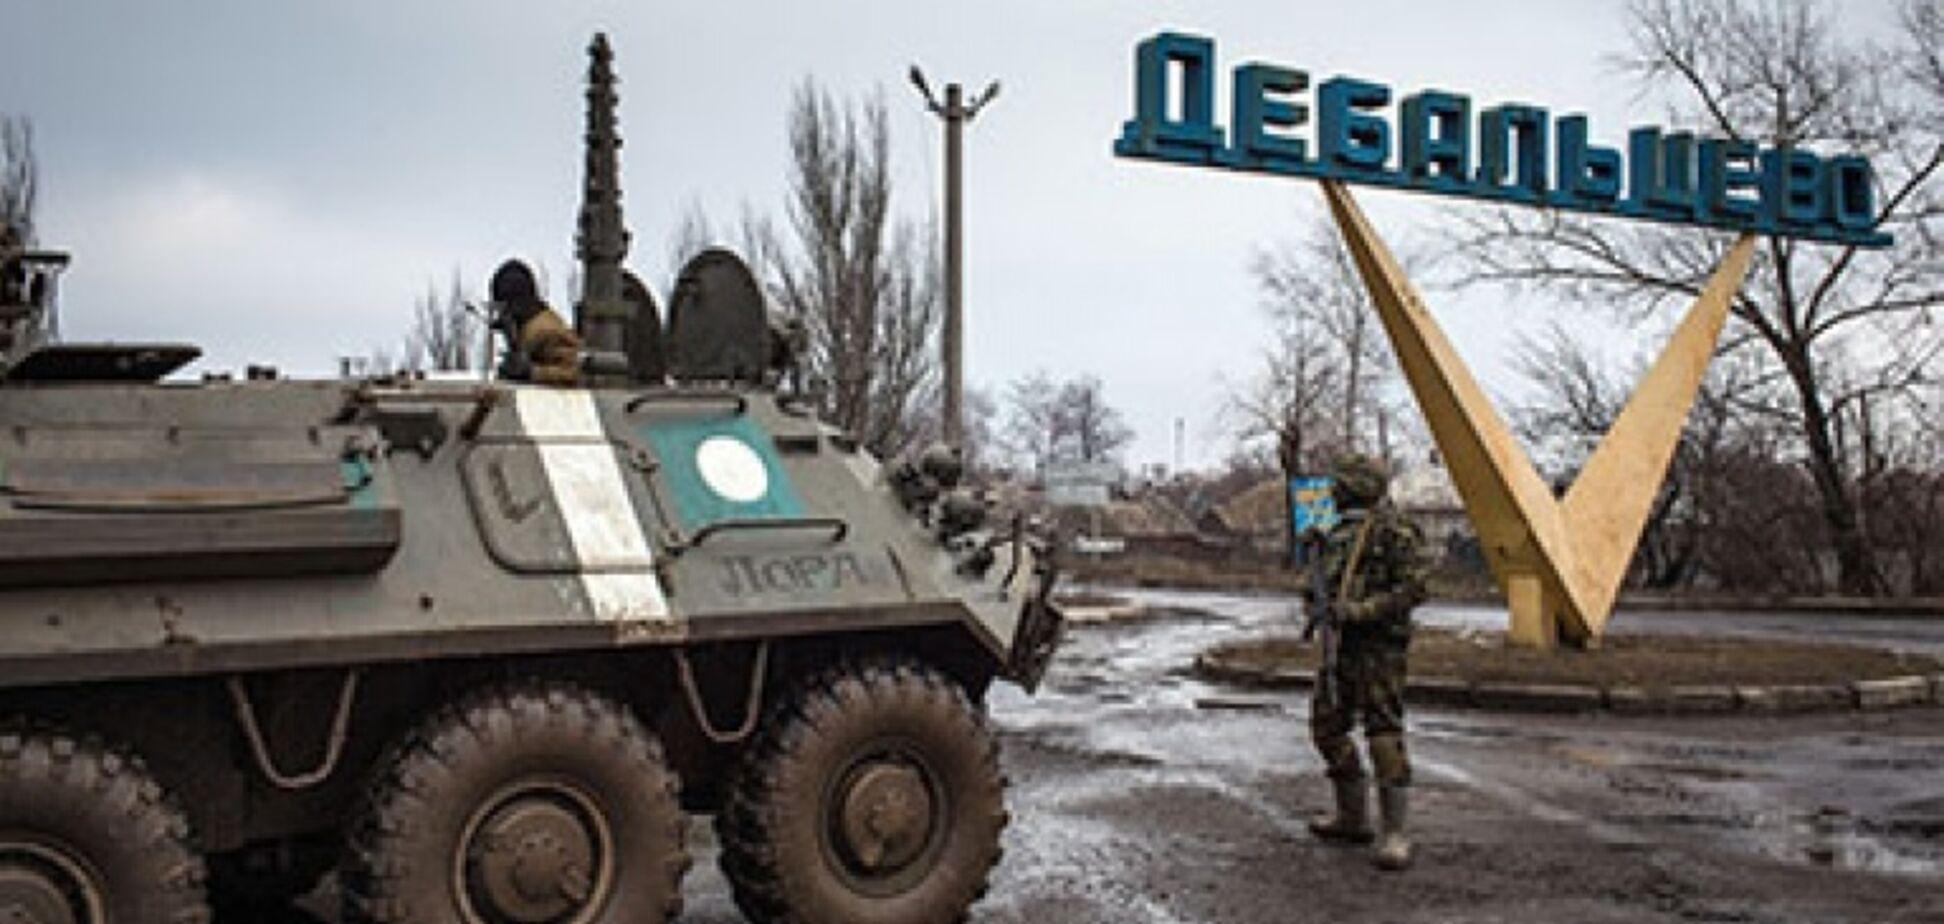 'Покажи свою пику!' З'явилося відео захоплення українського міста 'ДНР'